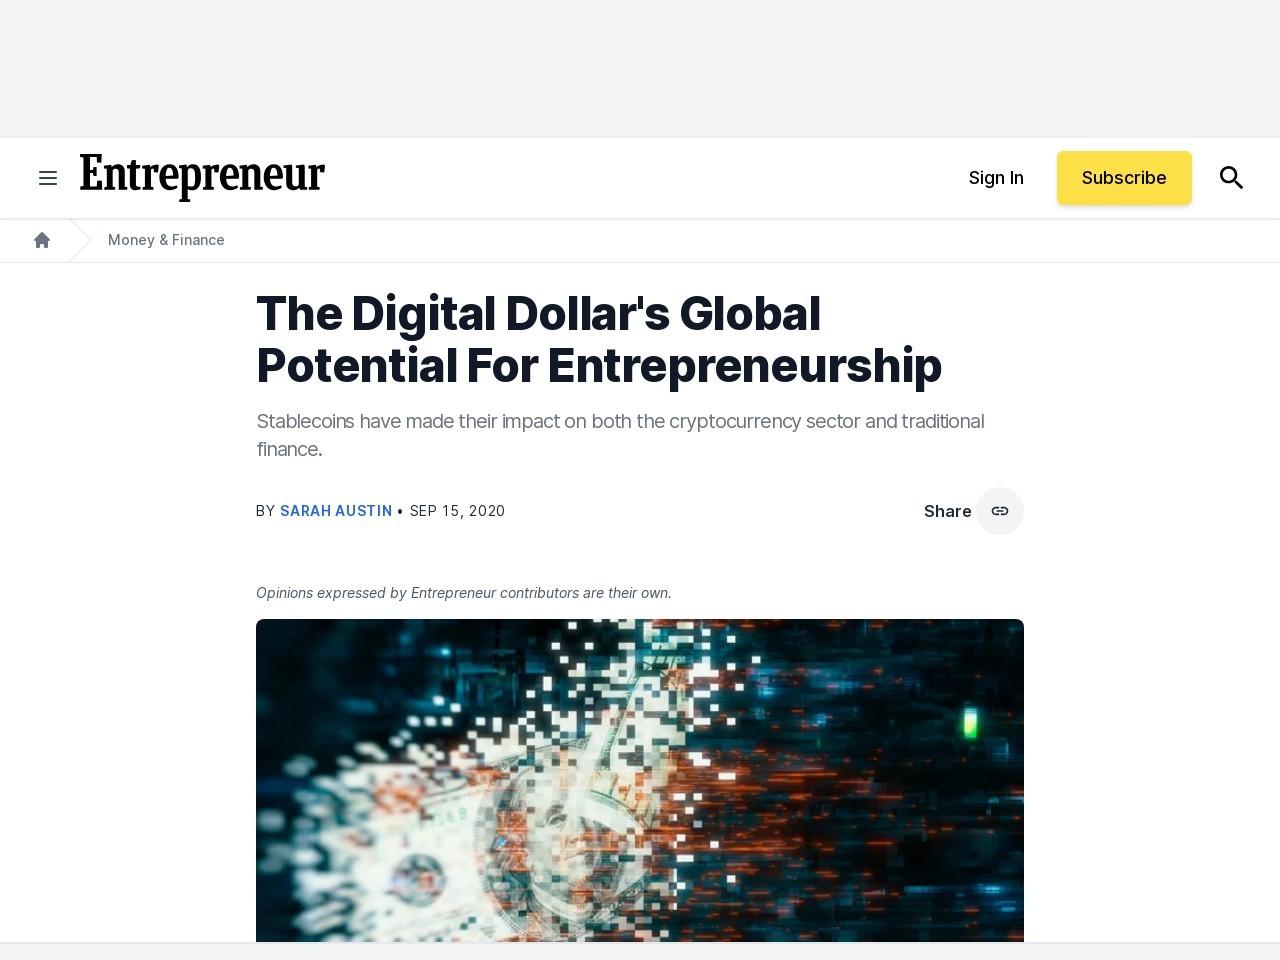 The Digital Dollar's Global Potential For Entrepreneurship